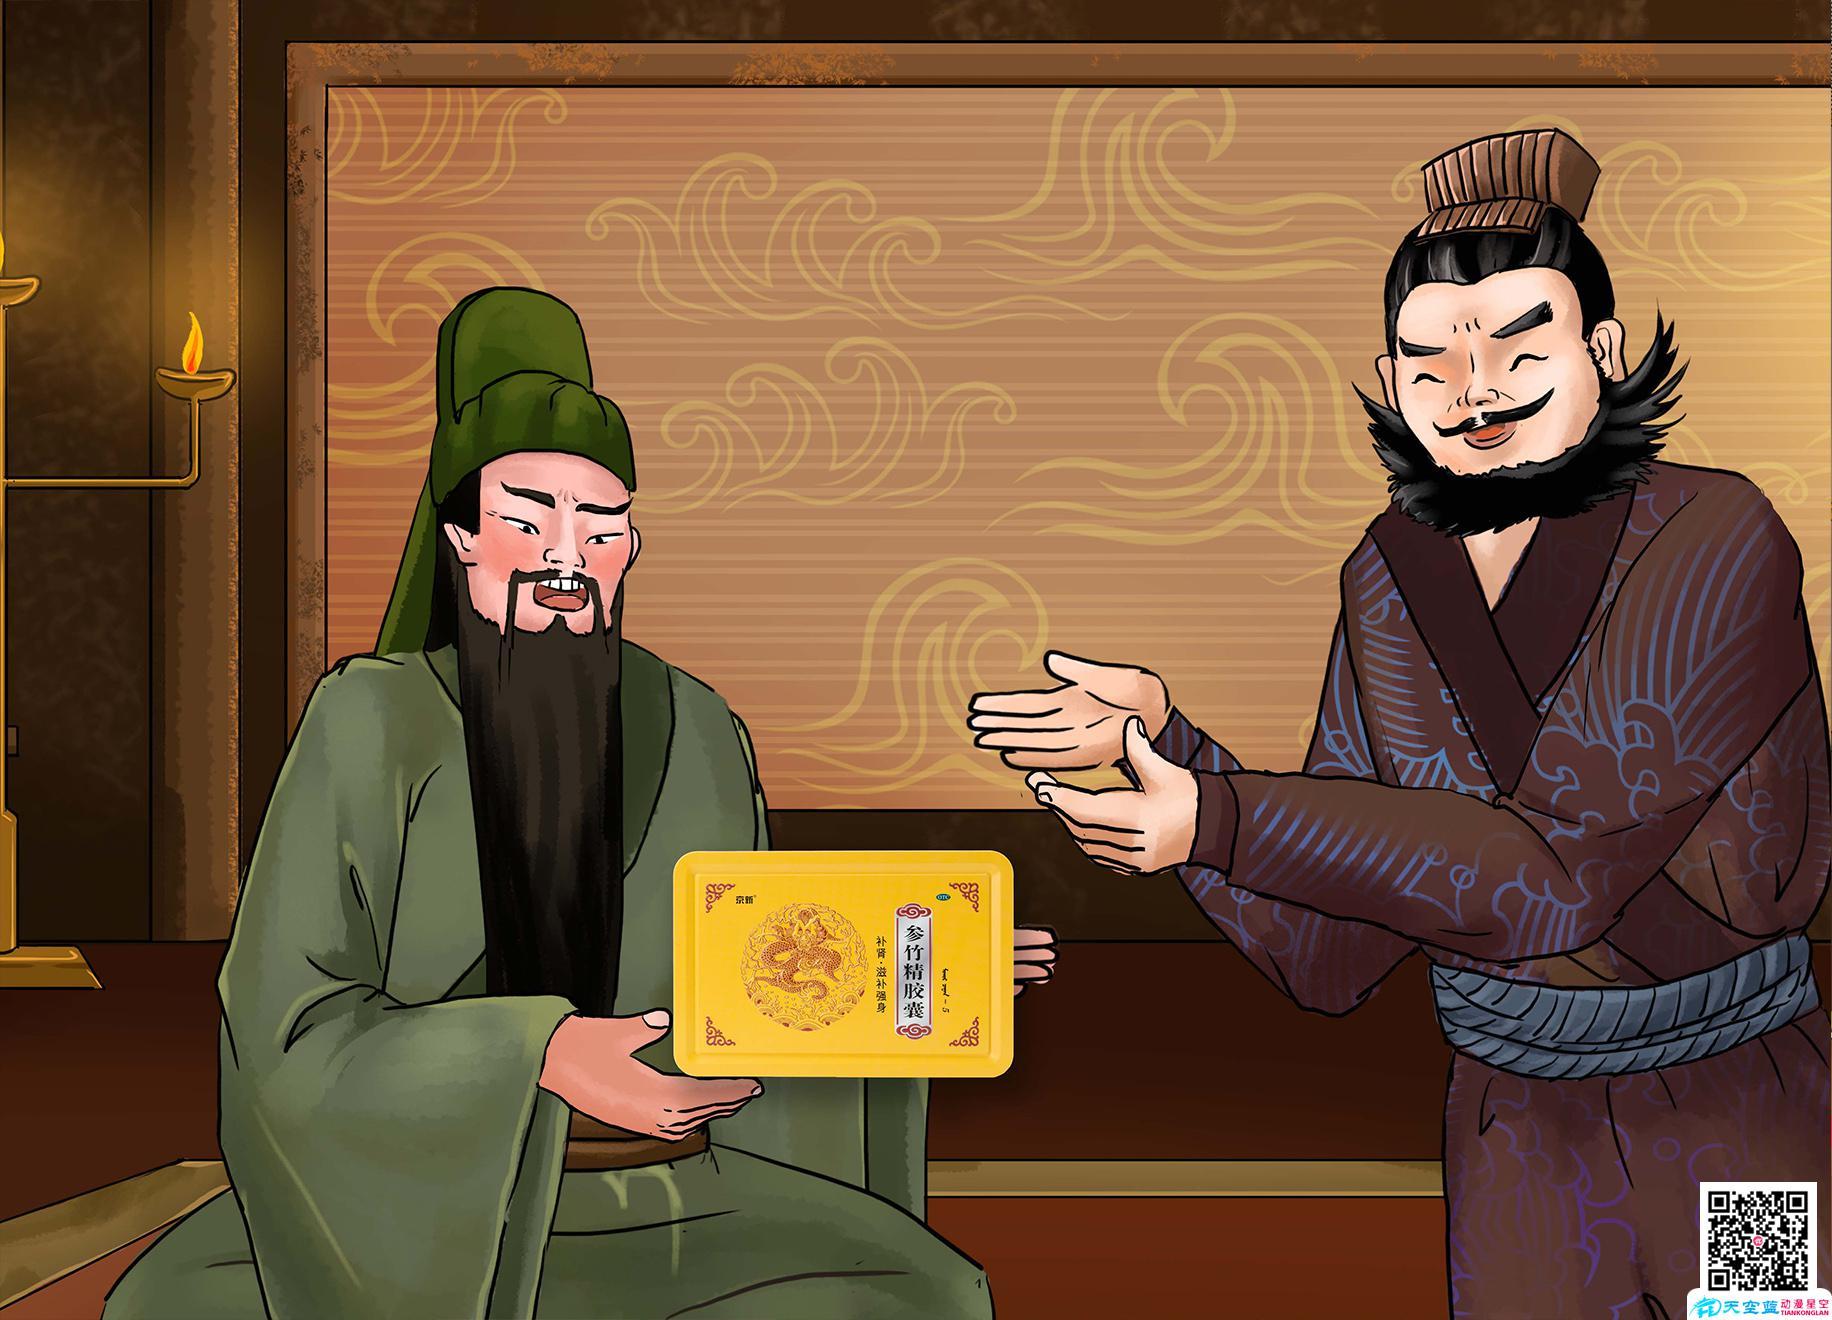 原创动画广告视频创意脚本《京新药业-参竹精胶囊》